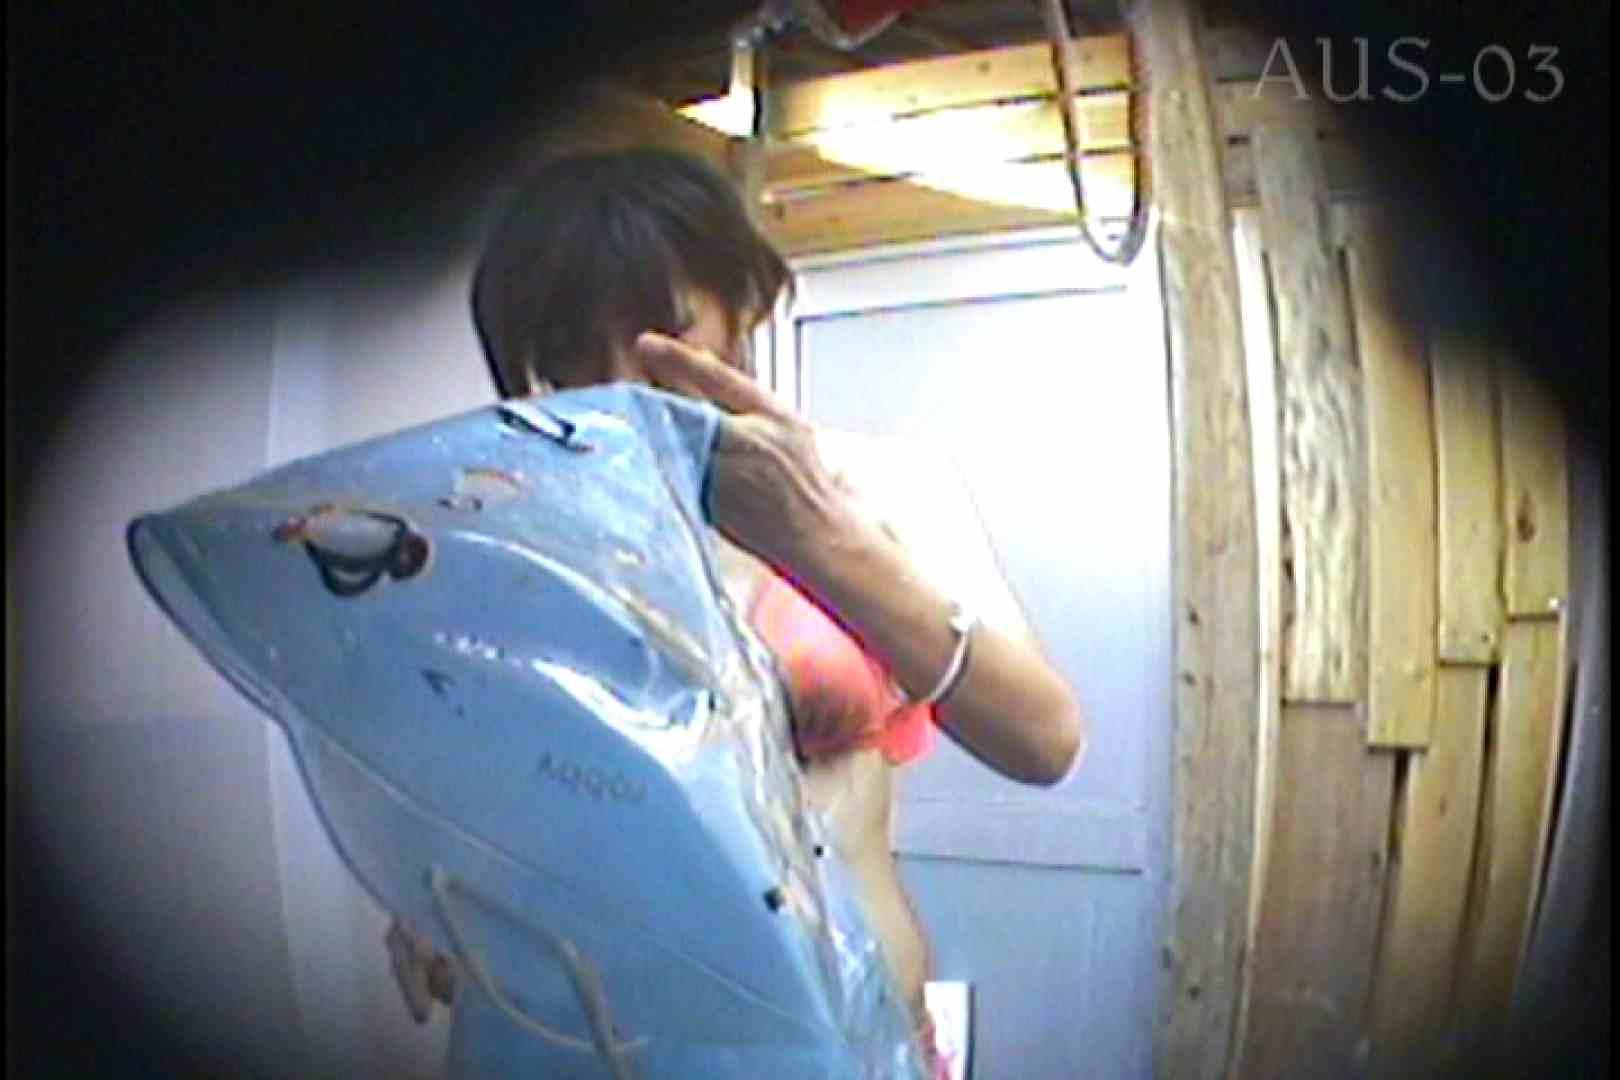 海の家の更衣室 Vol.10 高画質 性交動画流出 76画像 4